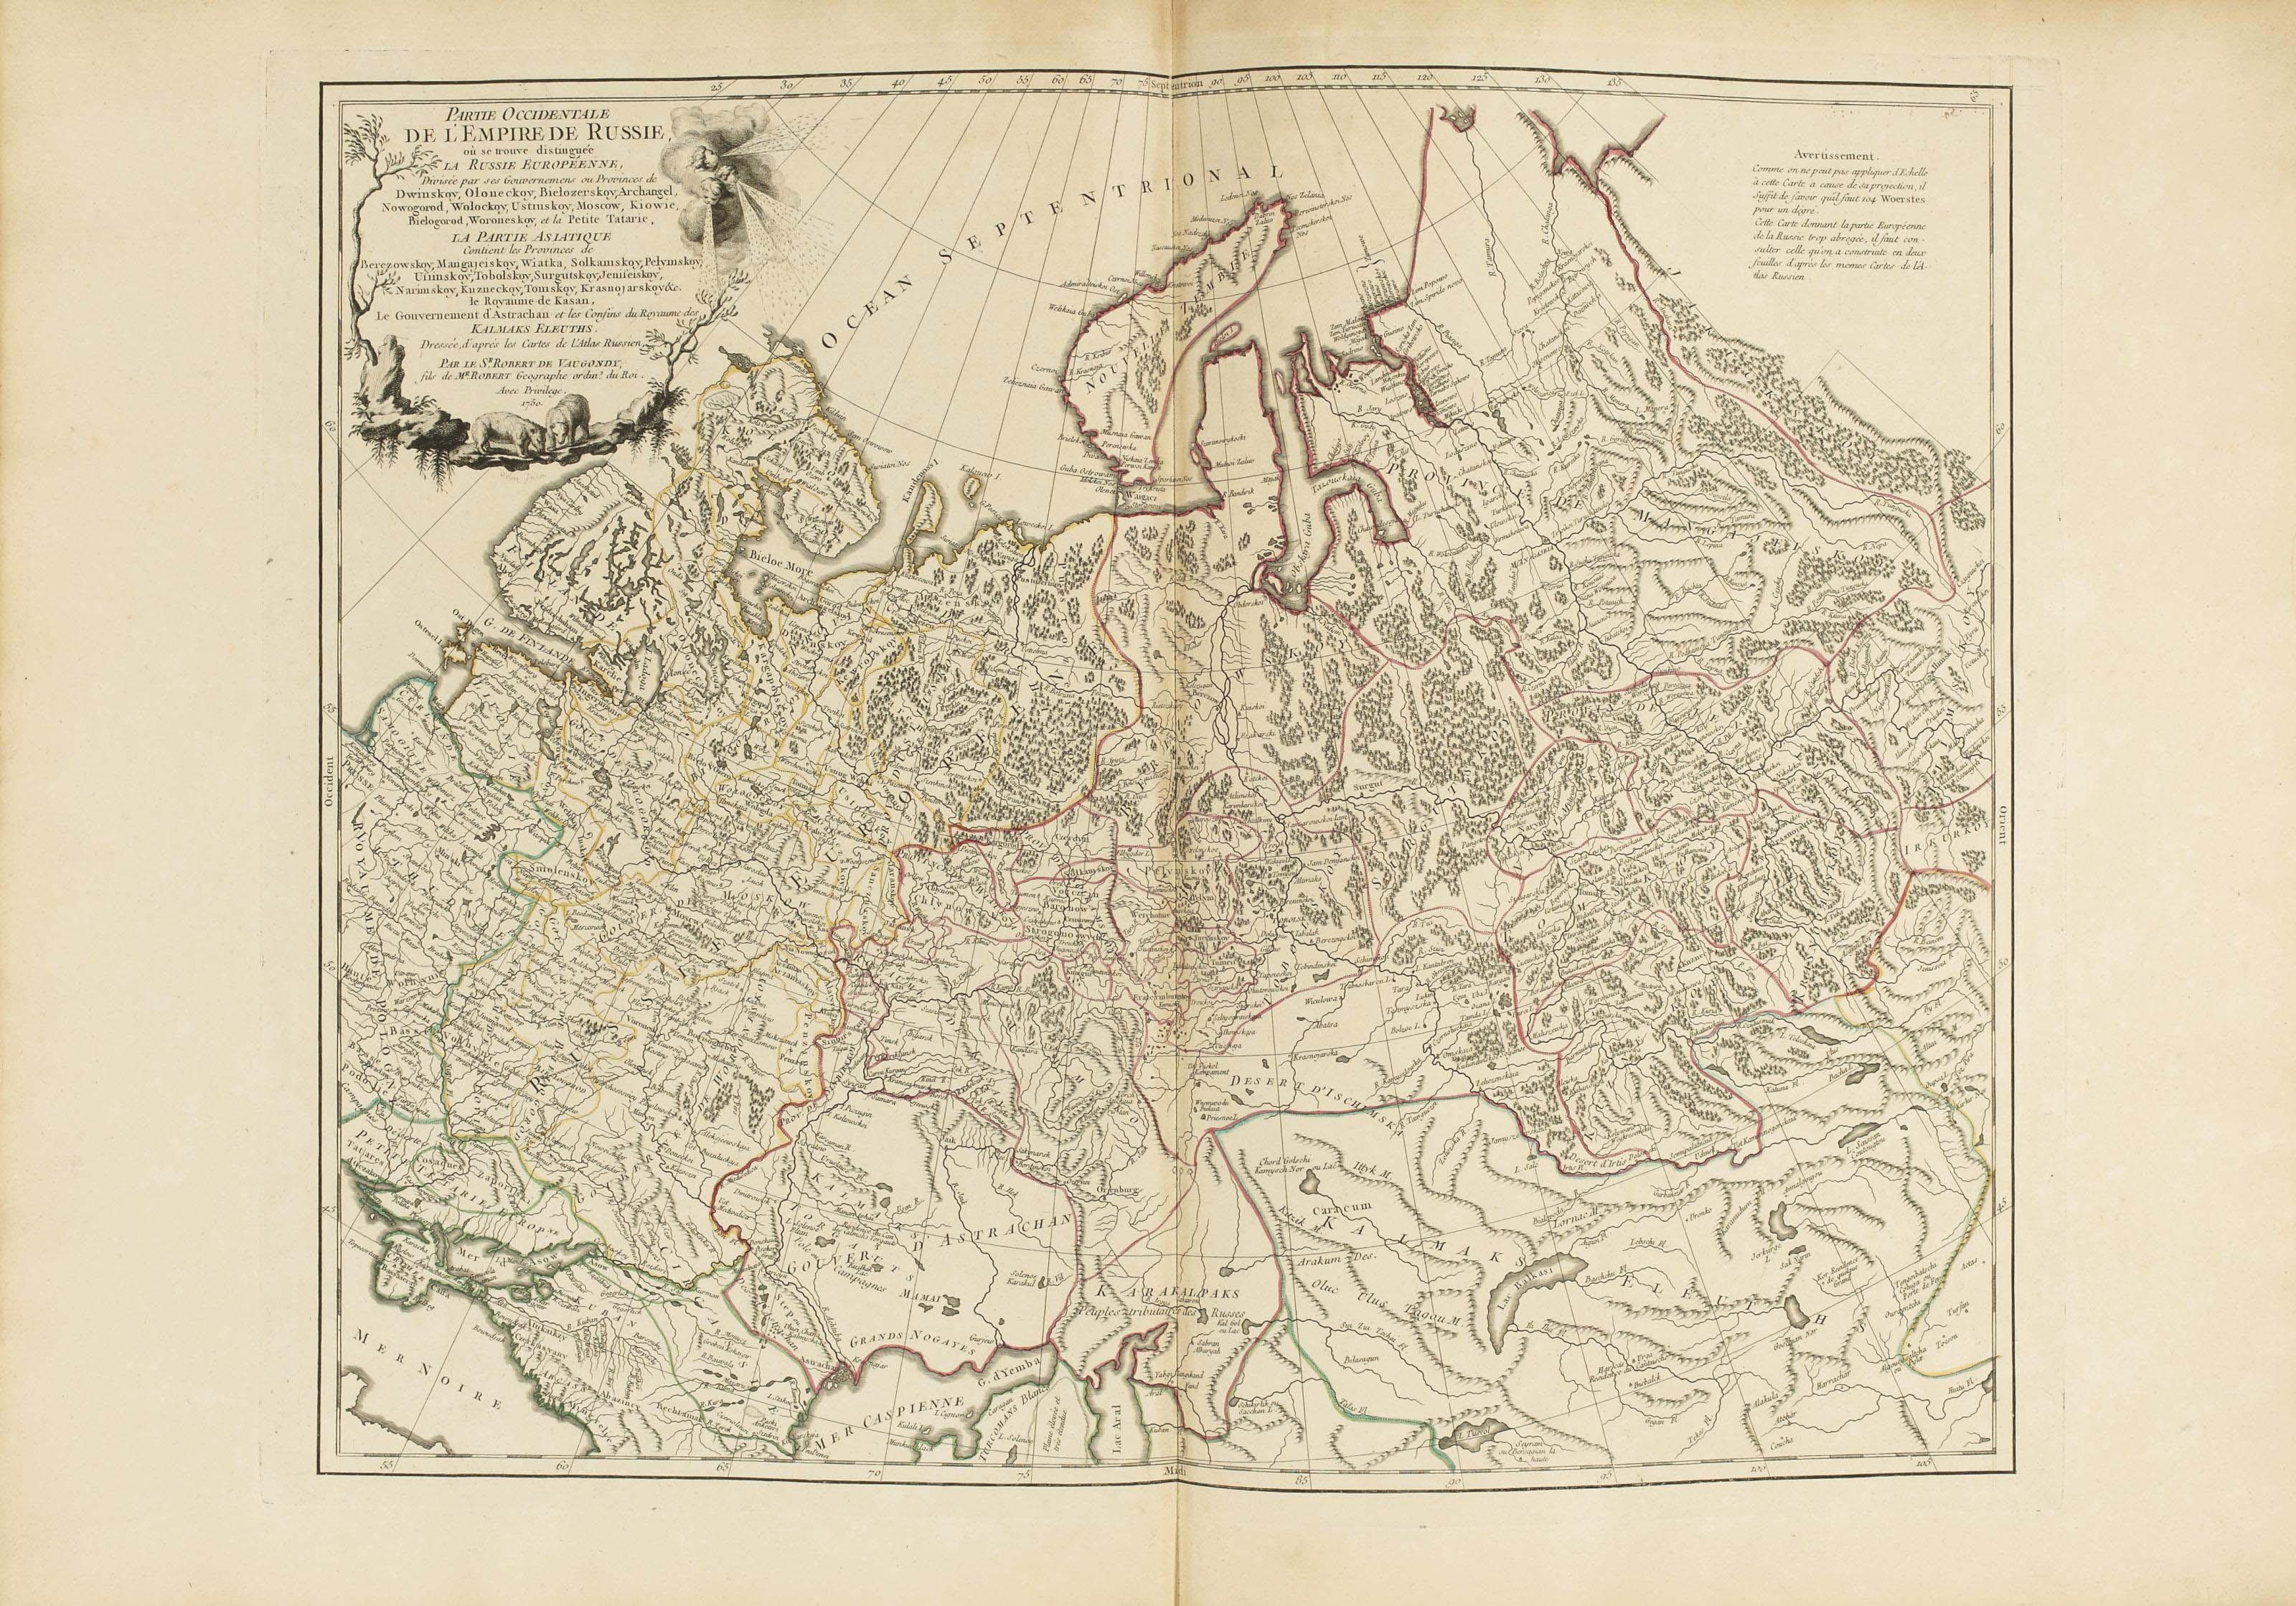 ROBERT DE VAUGONDY, Gilles (1688-1766) & Didier (1723-1786). Atlas Universel. Paris: pour les auteurs et chez Boudet, 1757 [-1758].